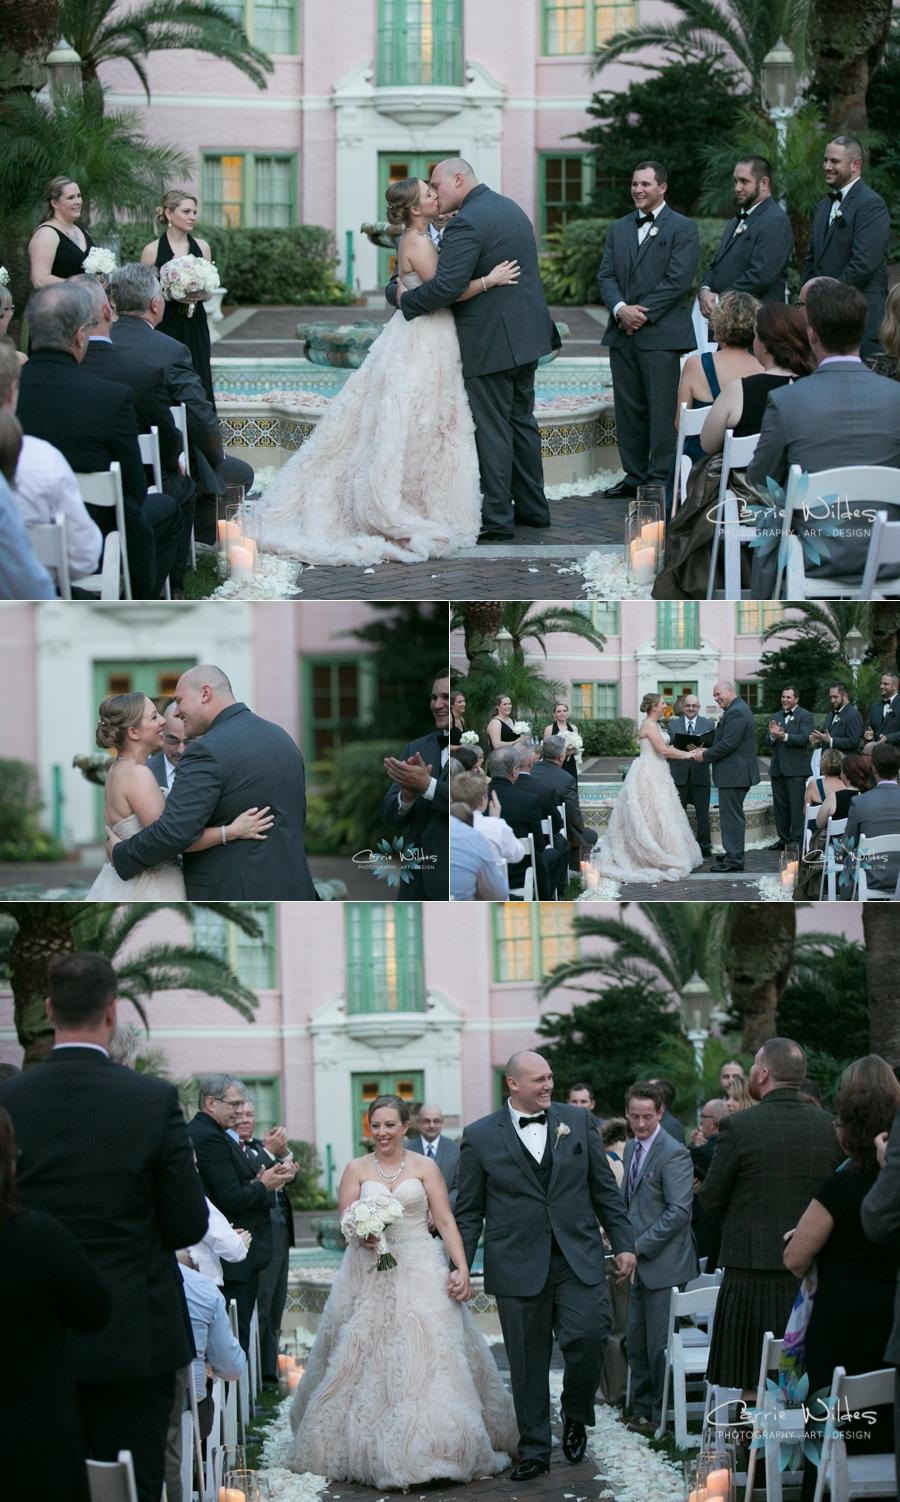 12_31_15 Renaissnace Vinoy Wedding_0017.jpg